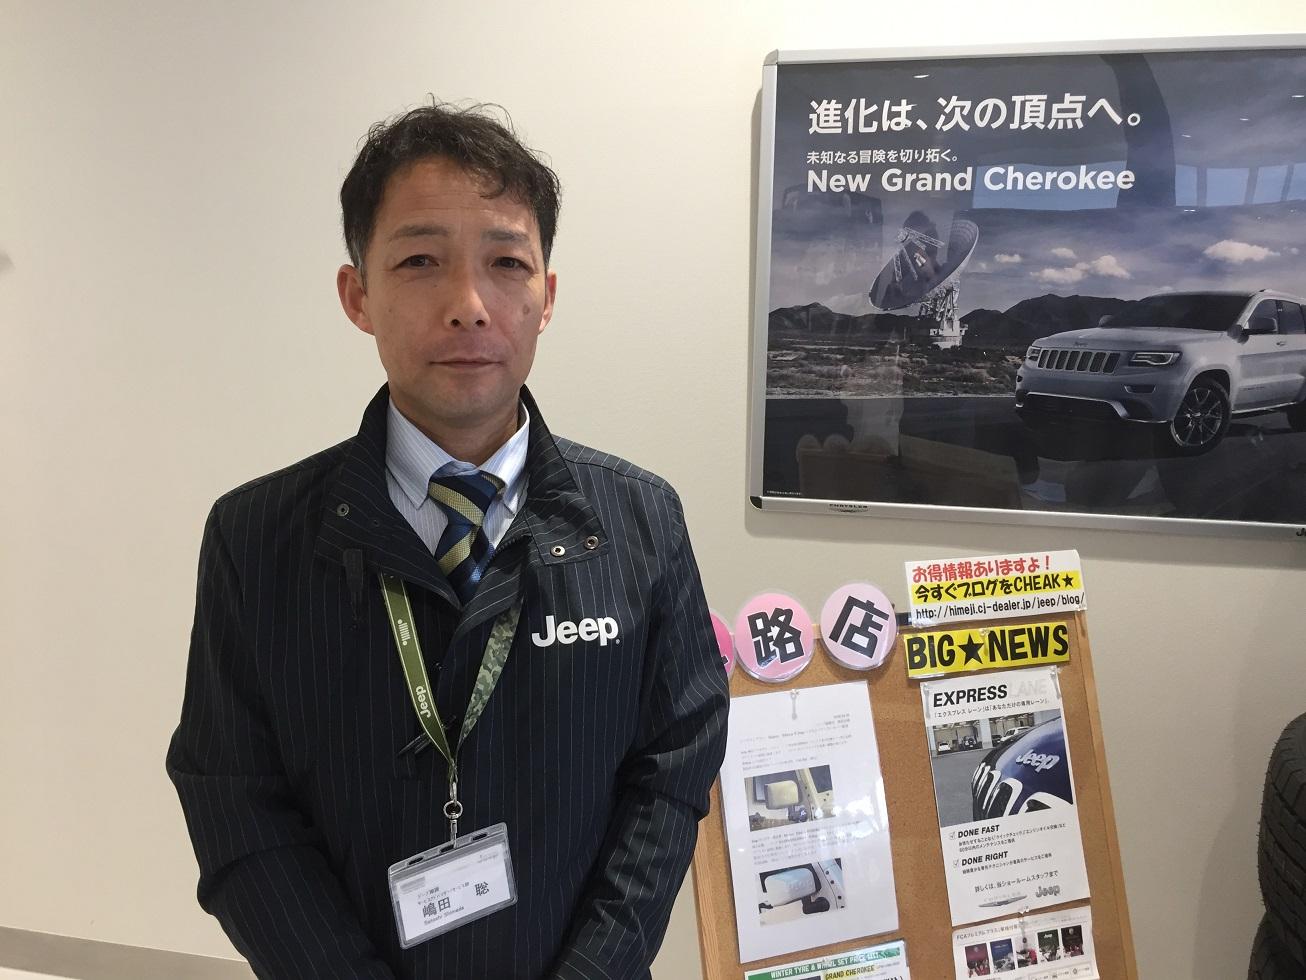 サービスアドバイザー 嶋田 聡